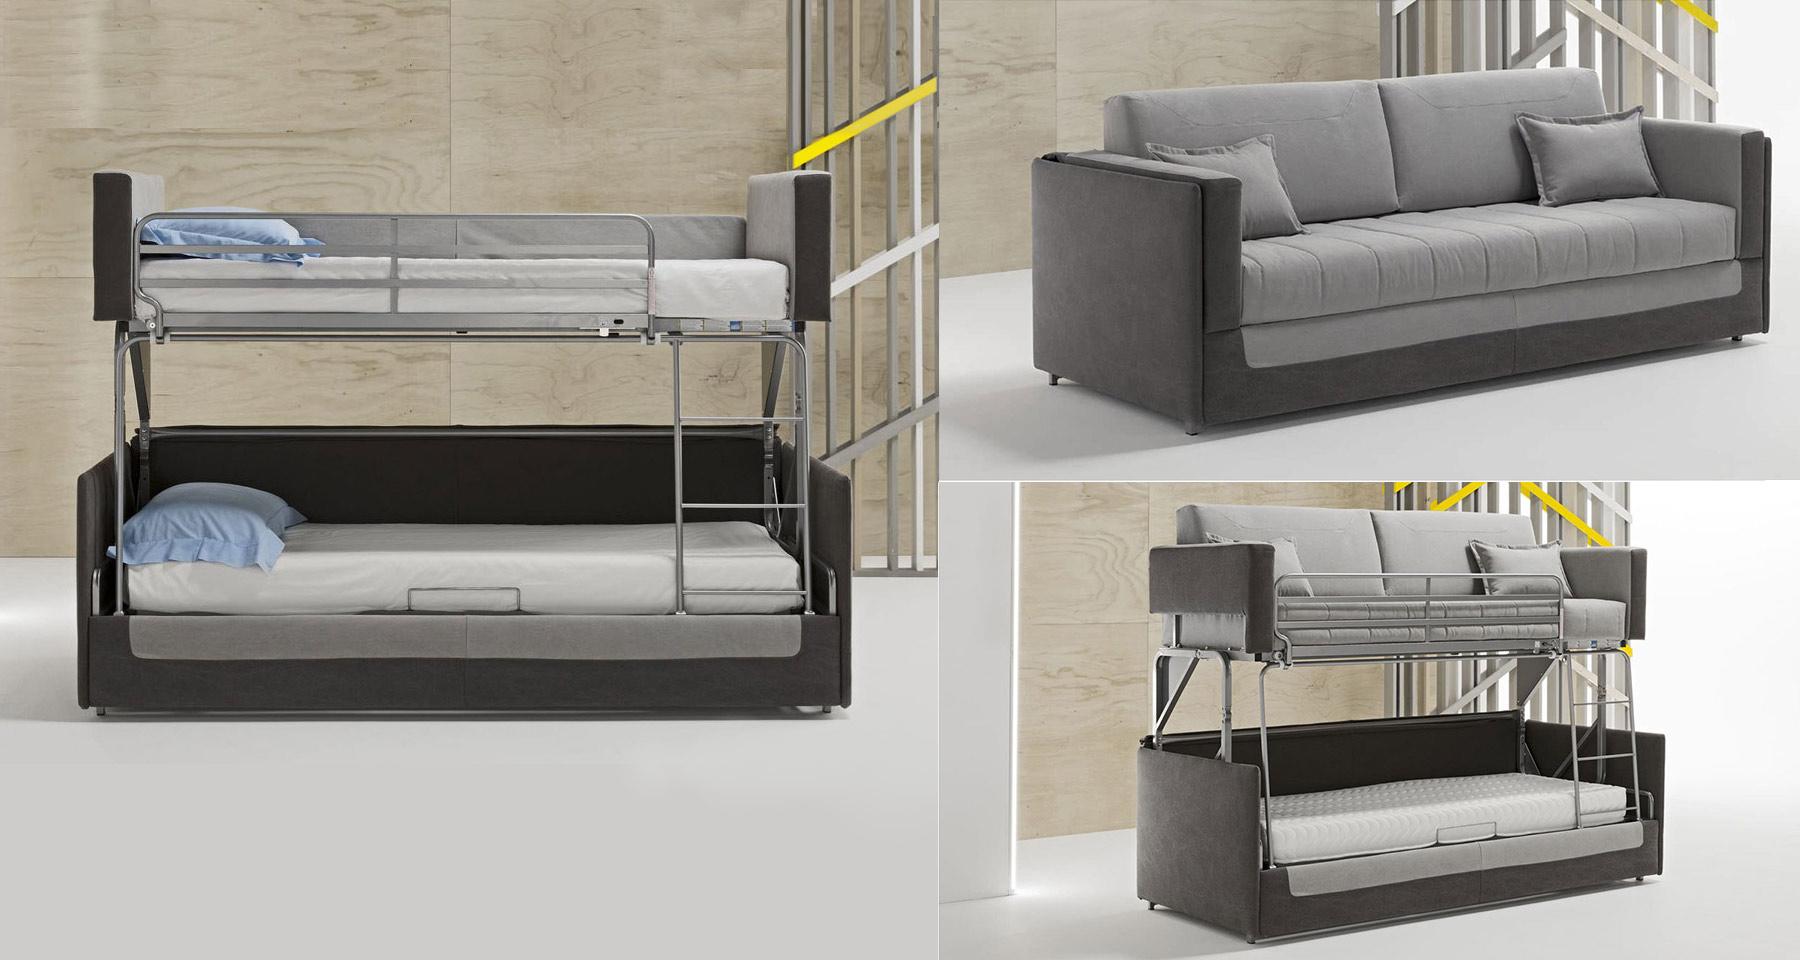 Canapés-Lits Originaux Et Lits Cachés Design - Decostock pour Canapé Relax Convertible Double Couchage